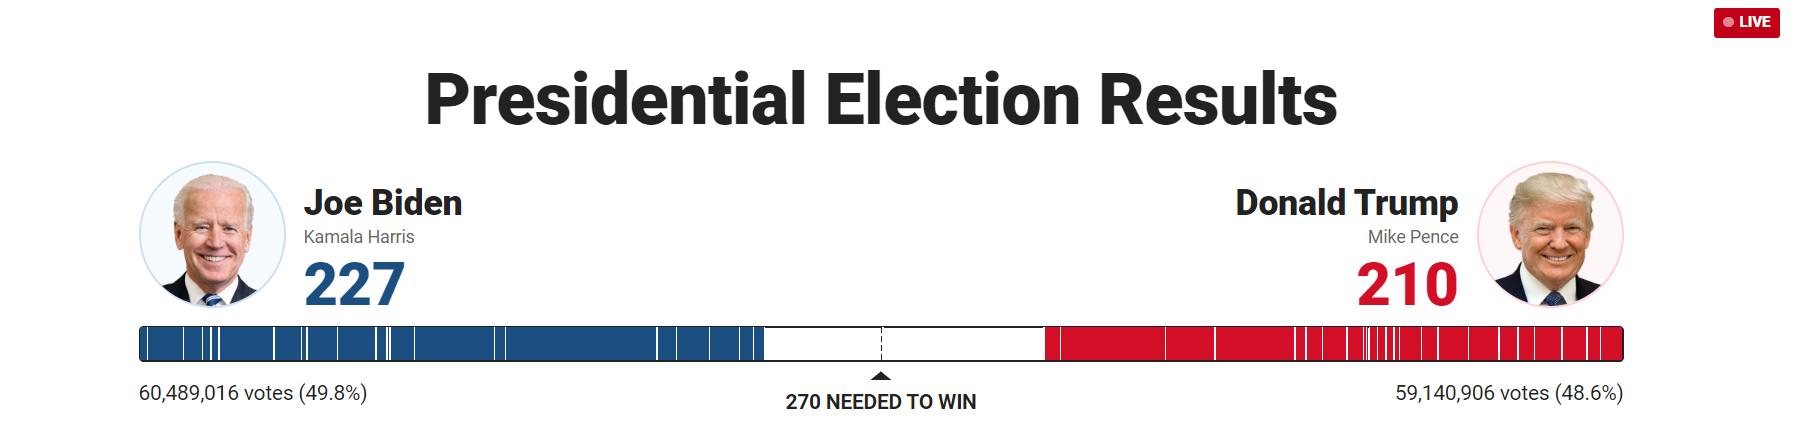 Байден опережает Трампа по голосам выборщиков